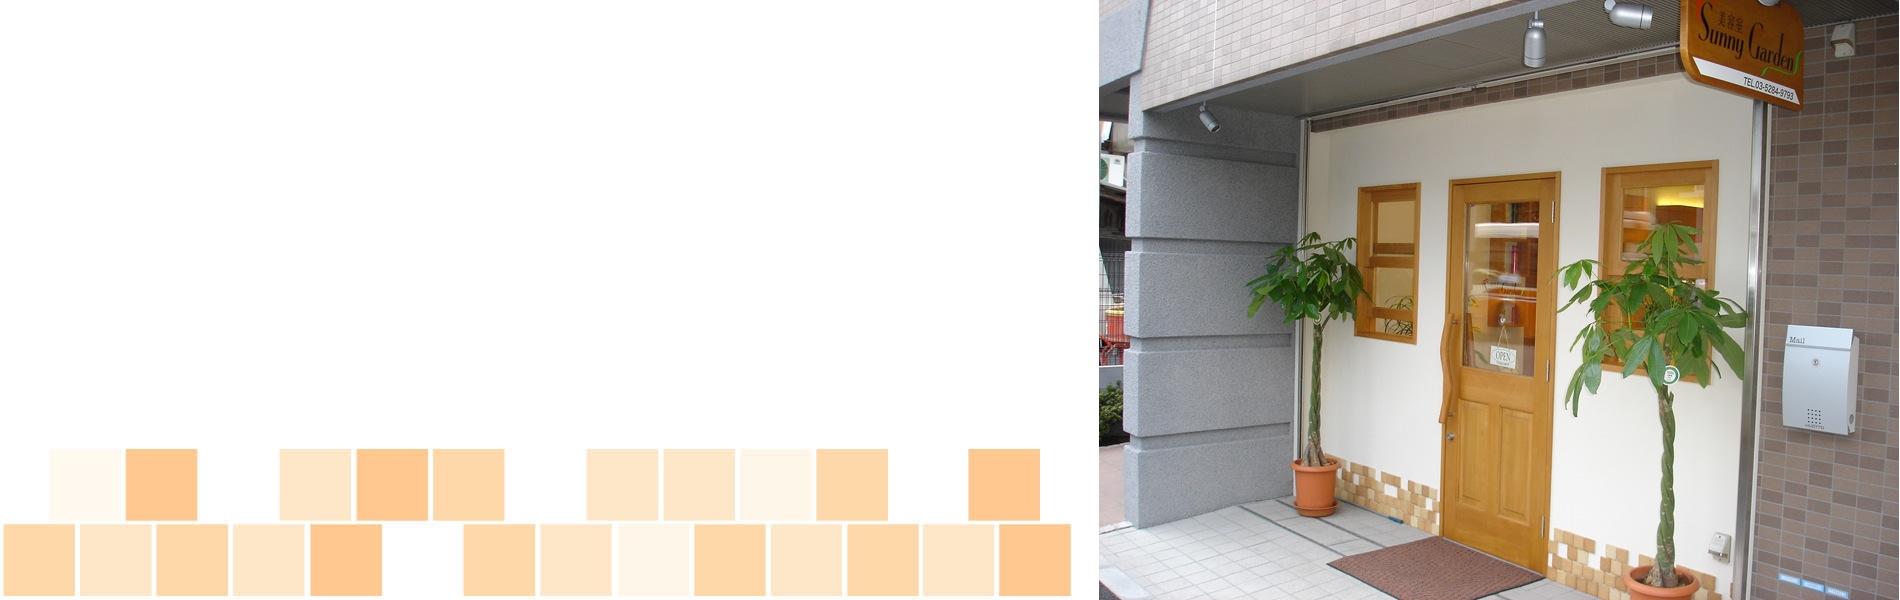 北千住 美容室SunnyGarden (サニーガーデン)